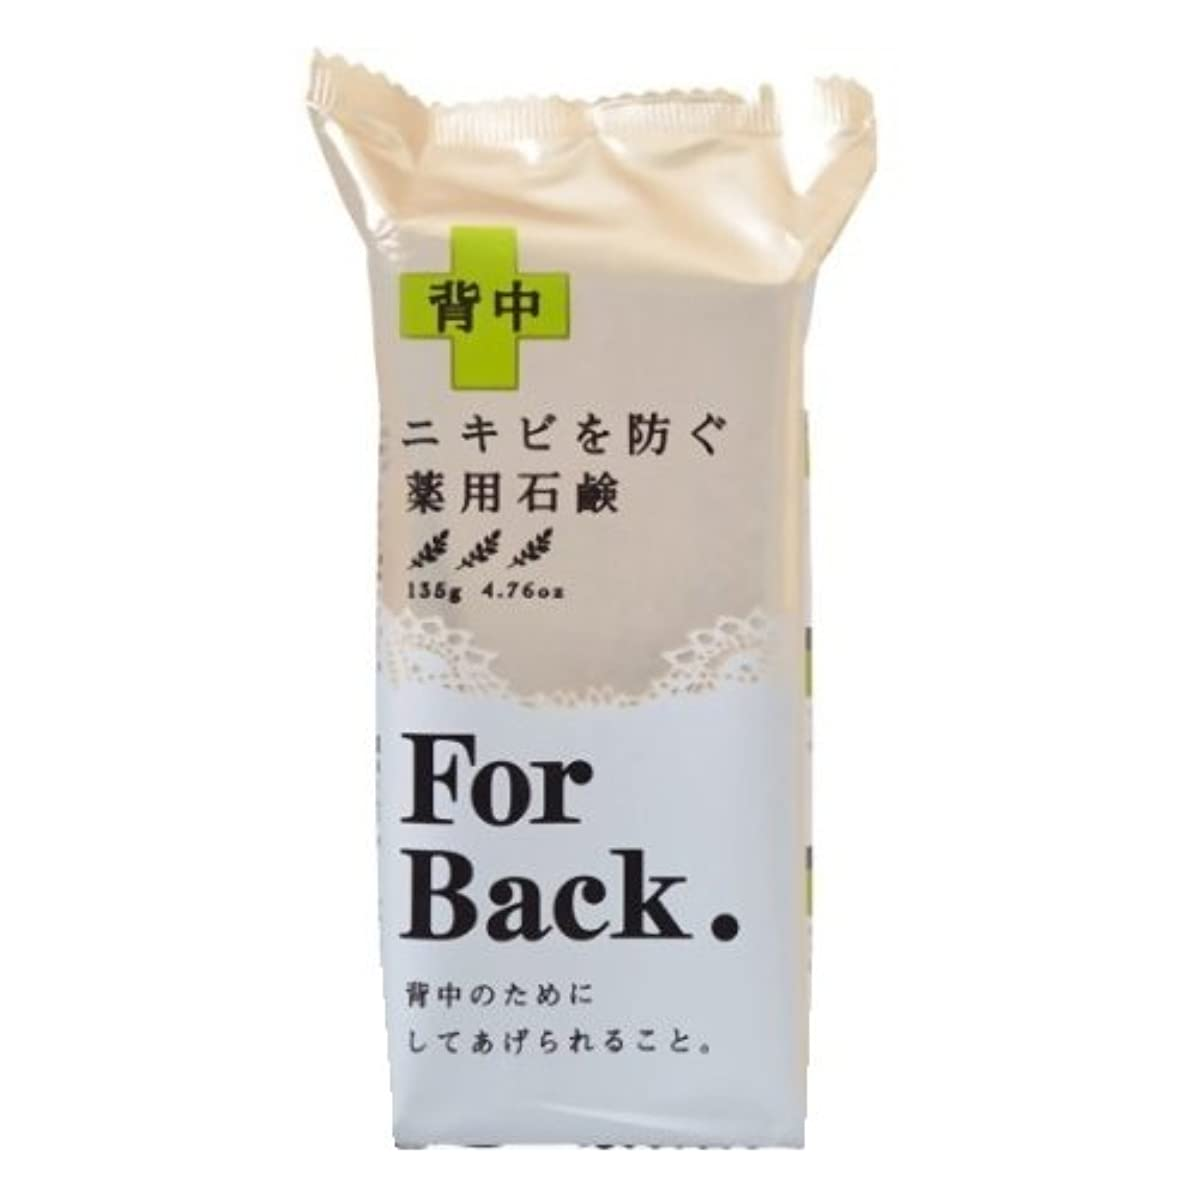 連帯担当者化合物薬用石鹸ForBack 135g